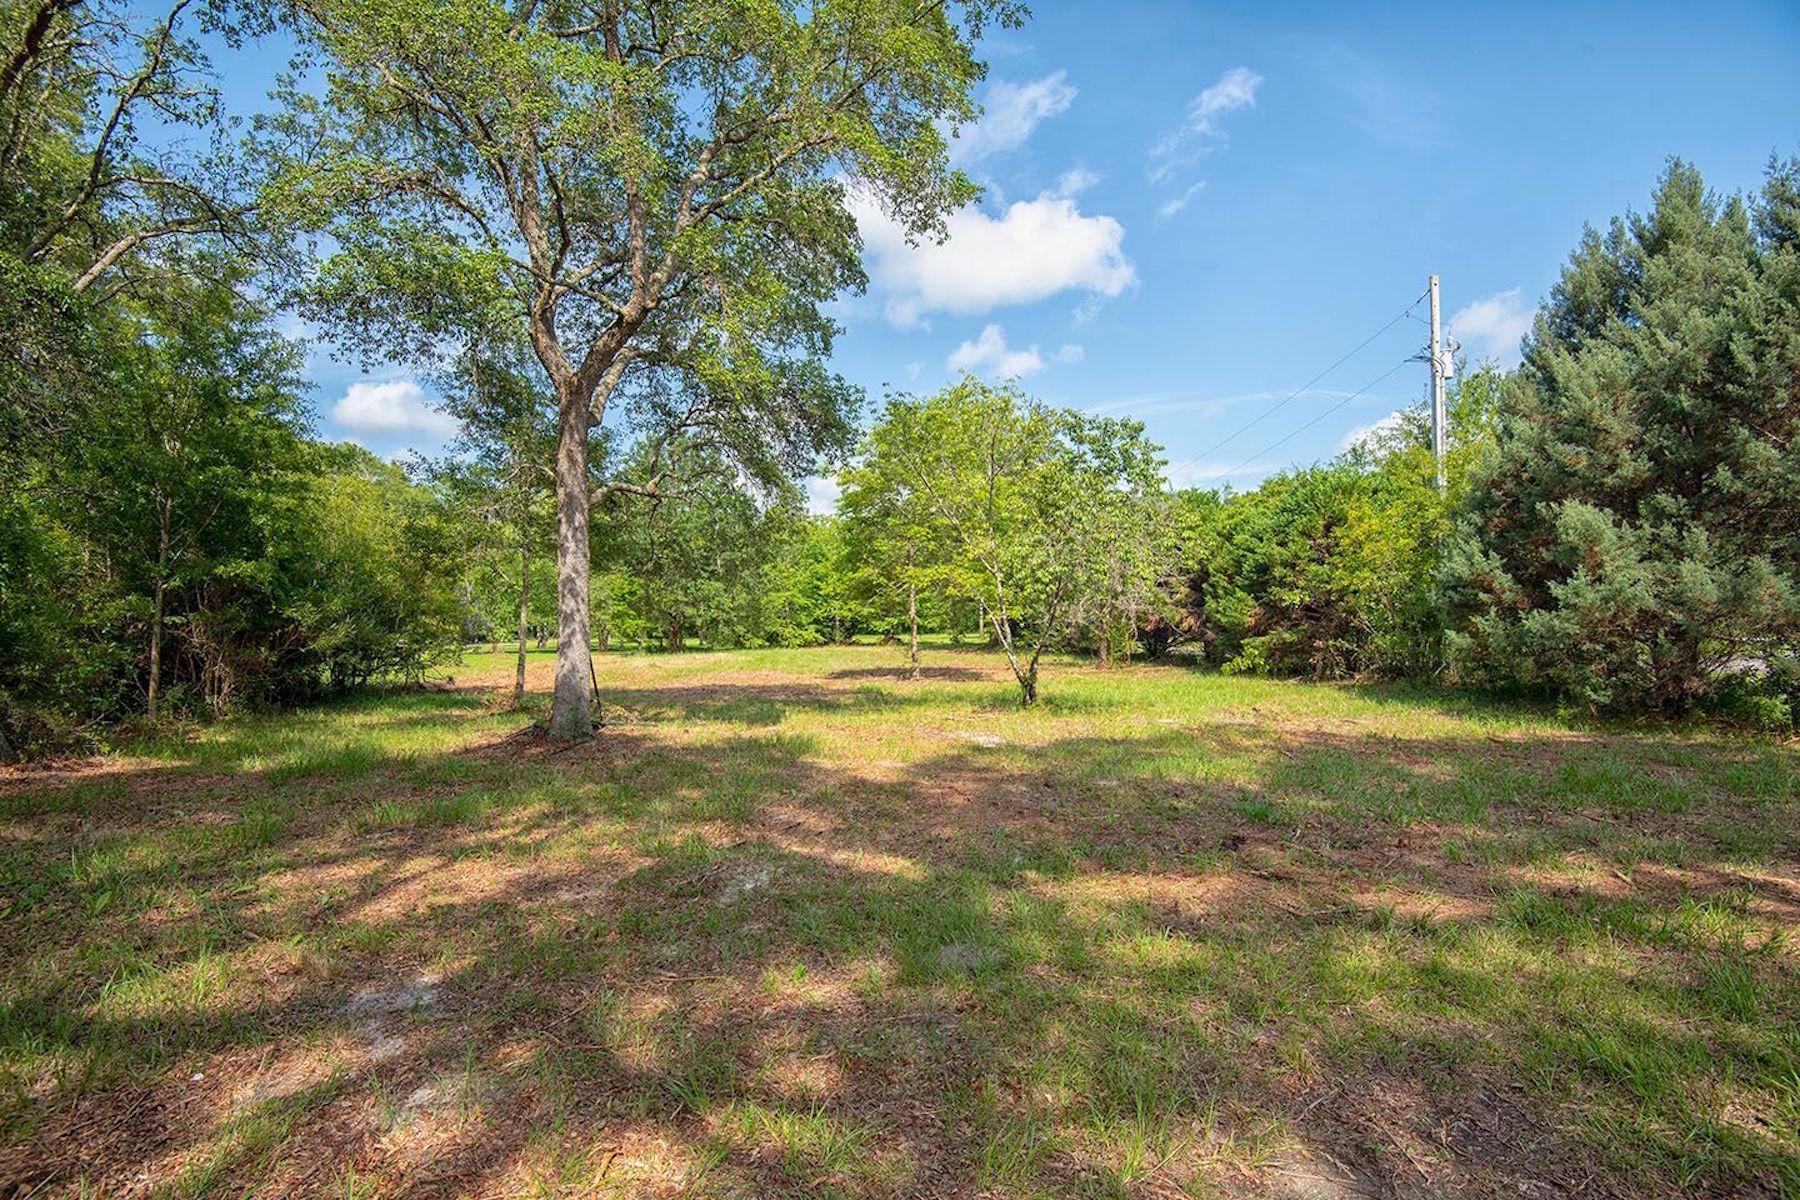 Terreno para Venda às 12821 West Woodhaven Dairy Road Lot 7 Silverhill, Alabama 36576 Estados Unidos